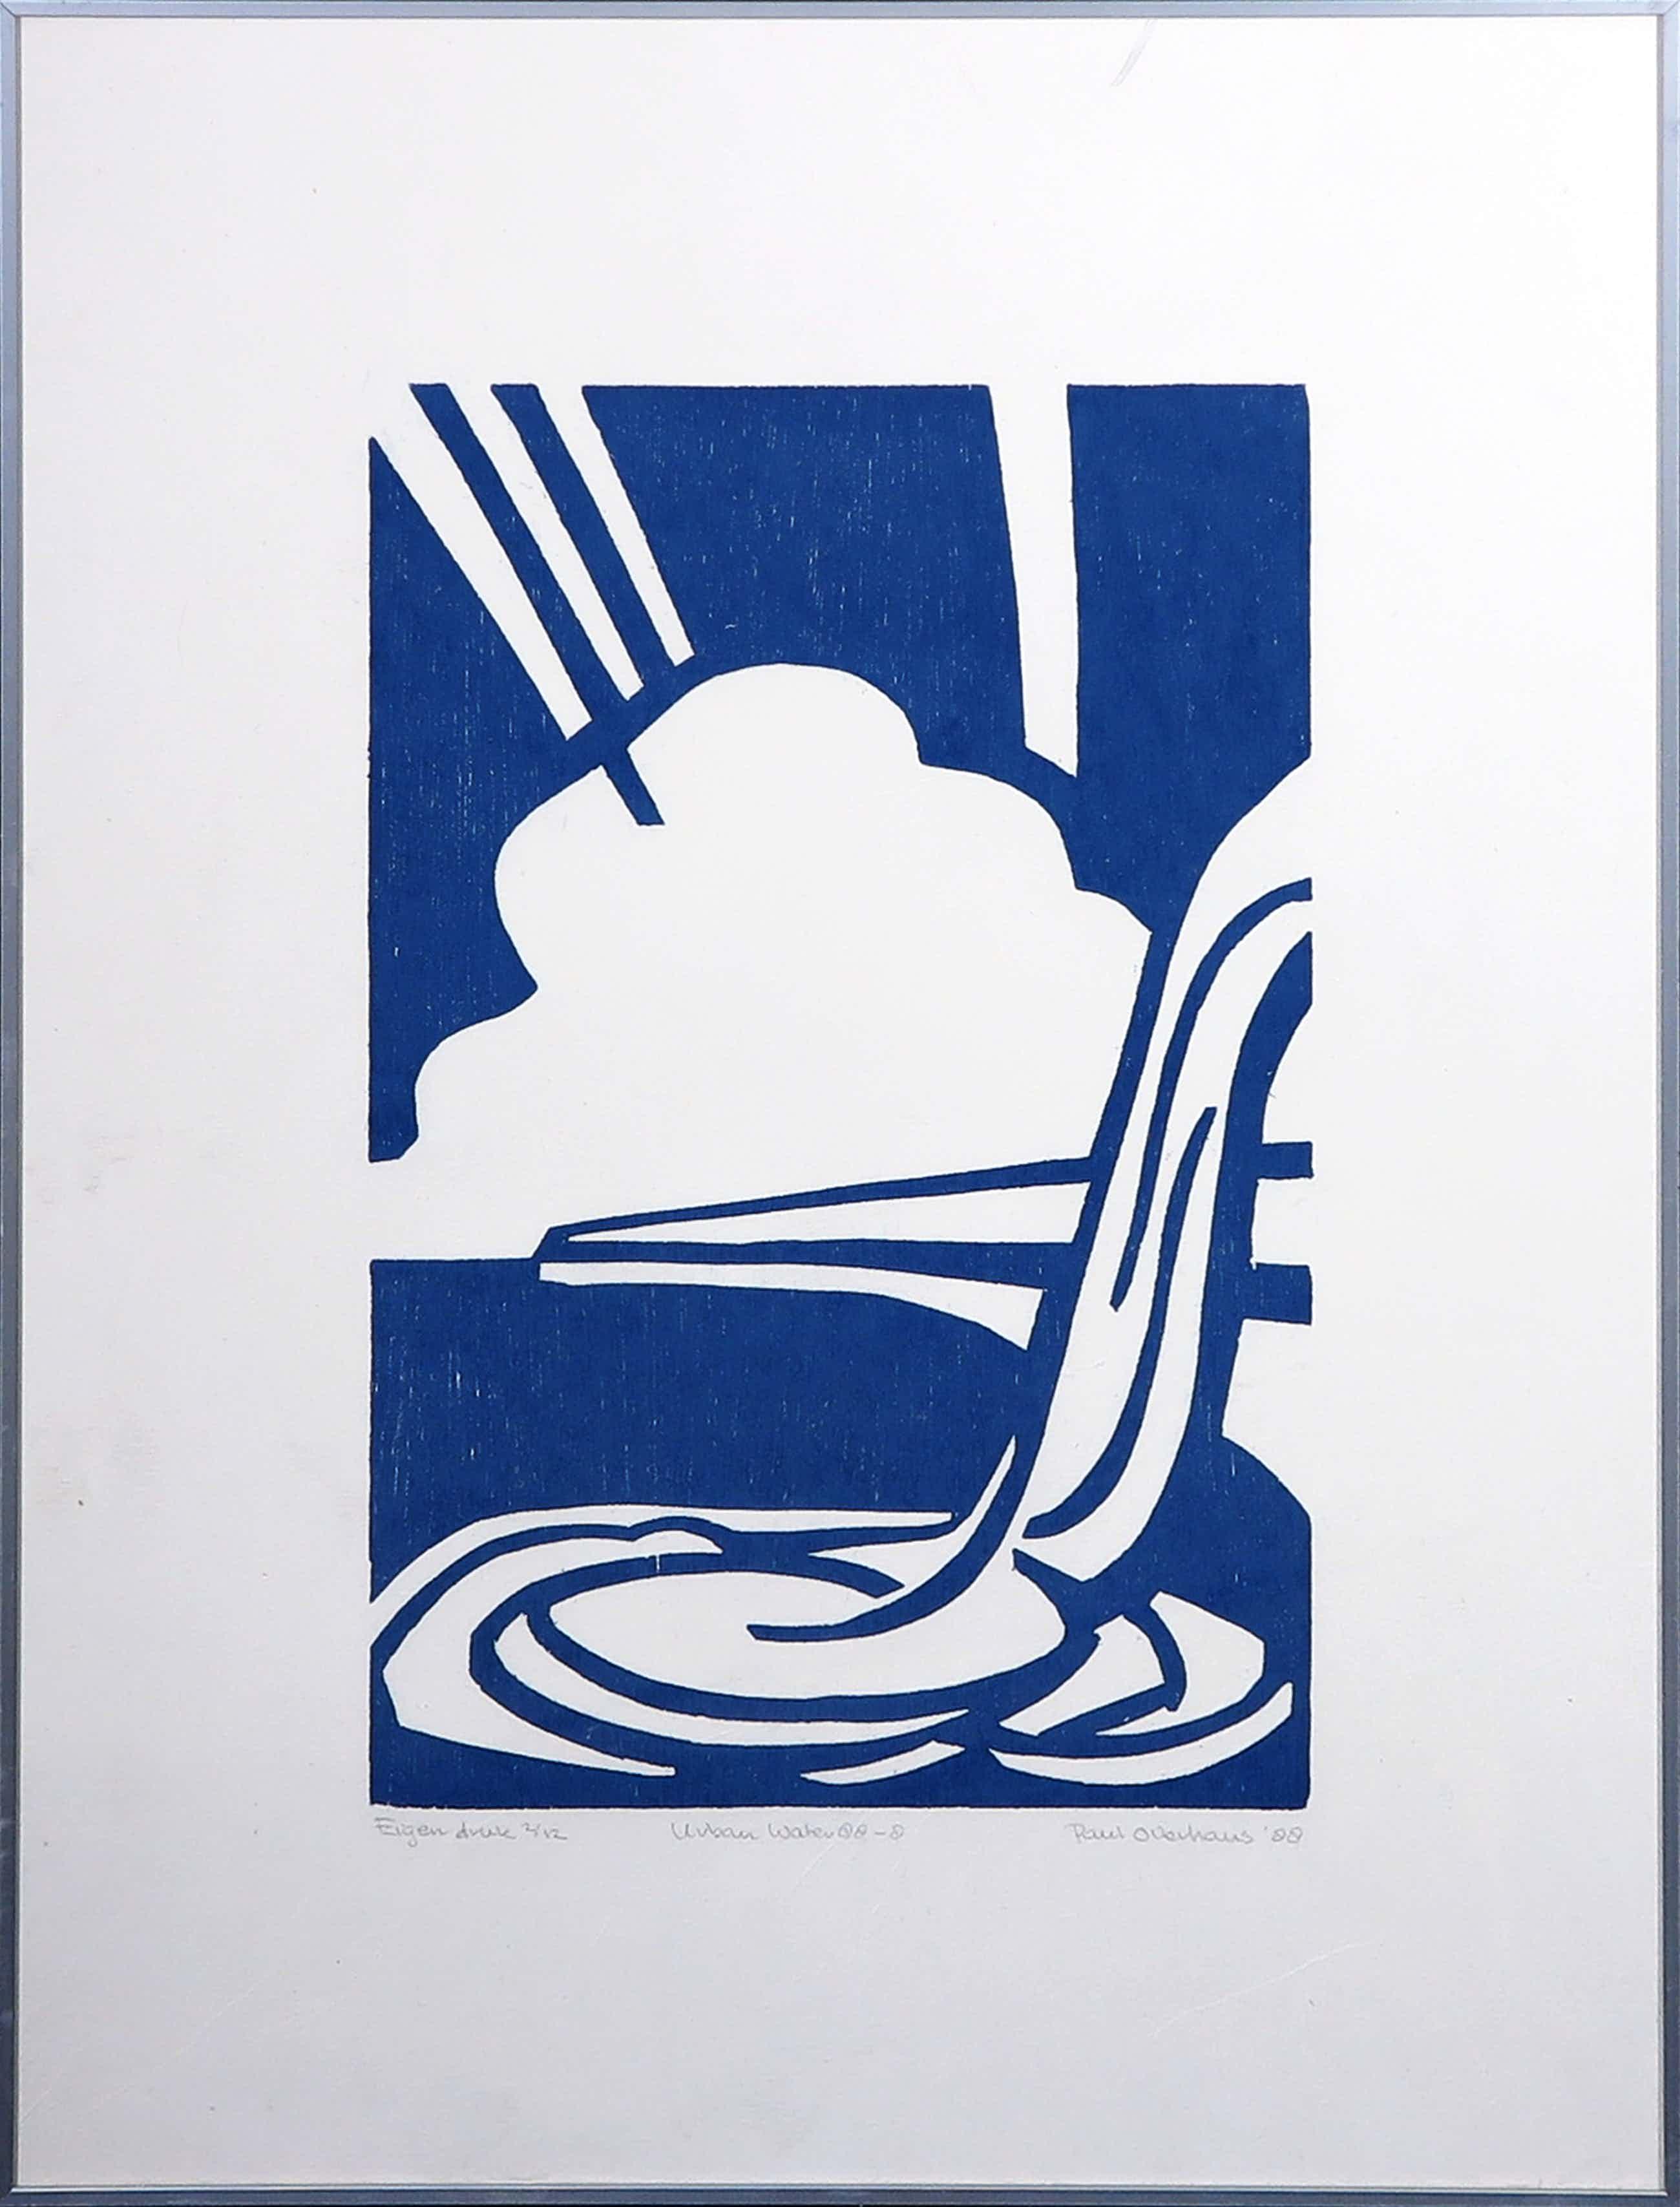 Paul Overhaus - Houtsnede, Urban water 8 - Ingelijst kopen? Bied vanaf 46!